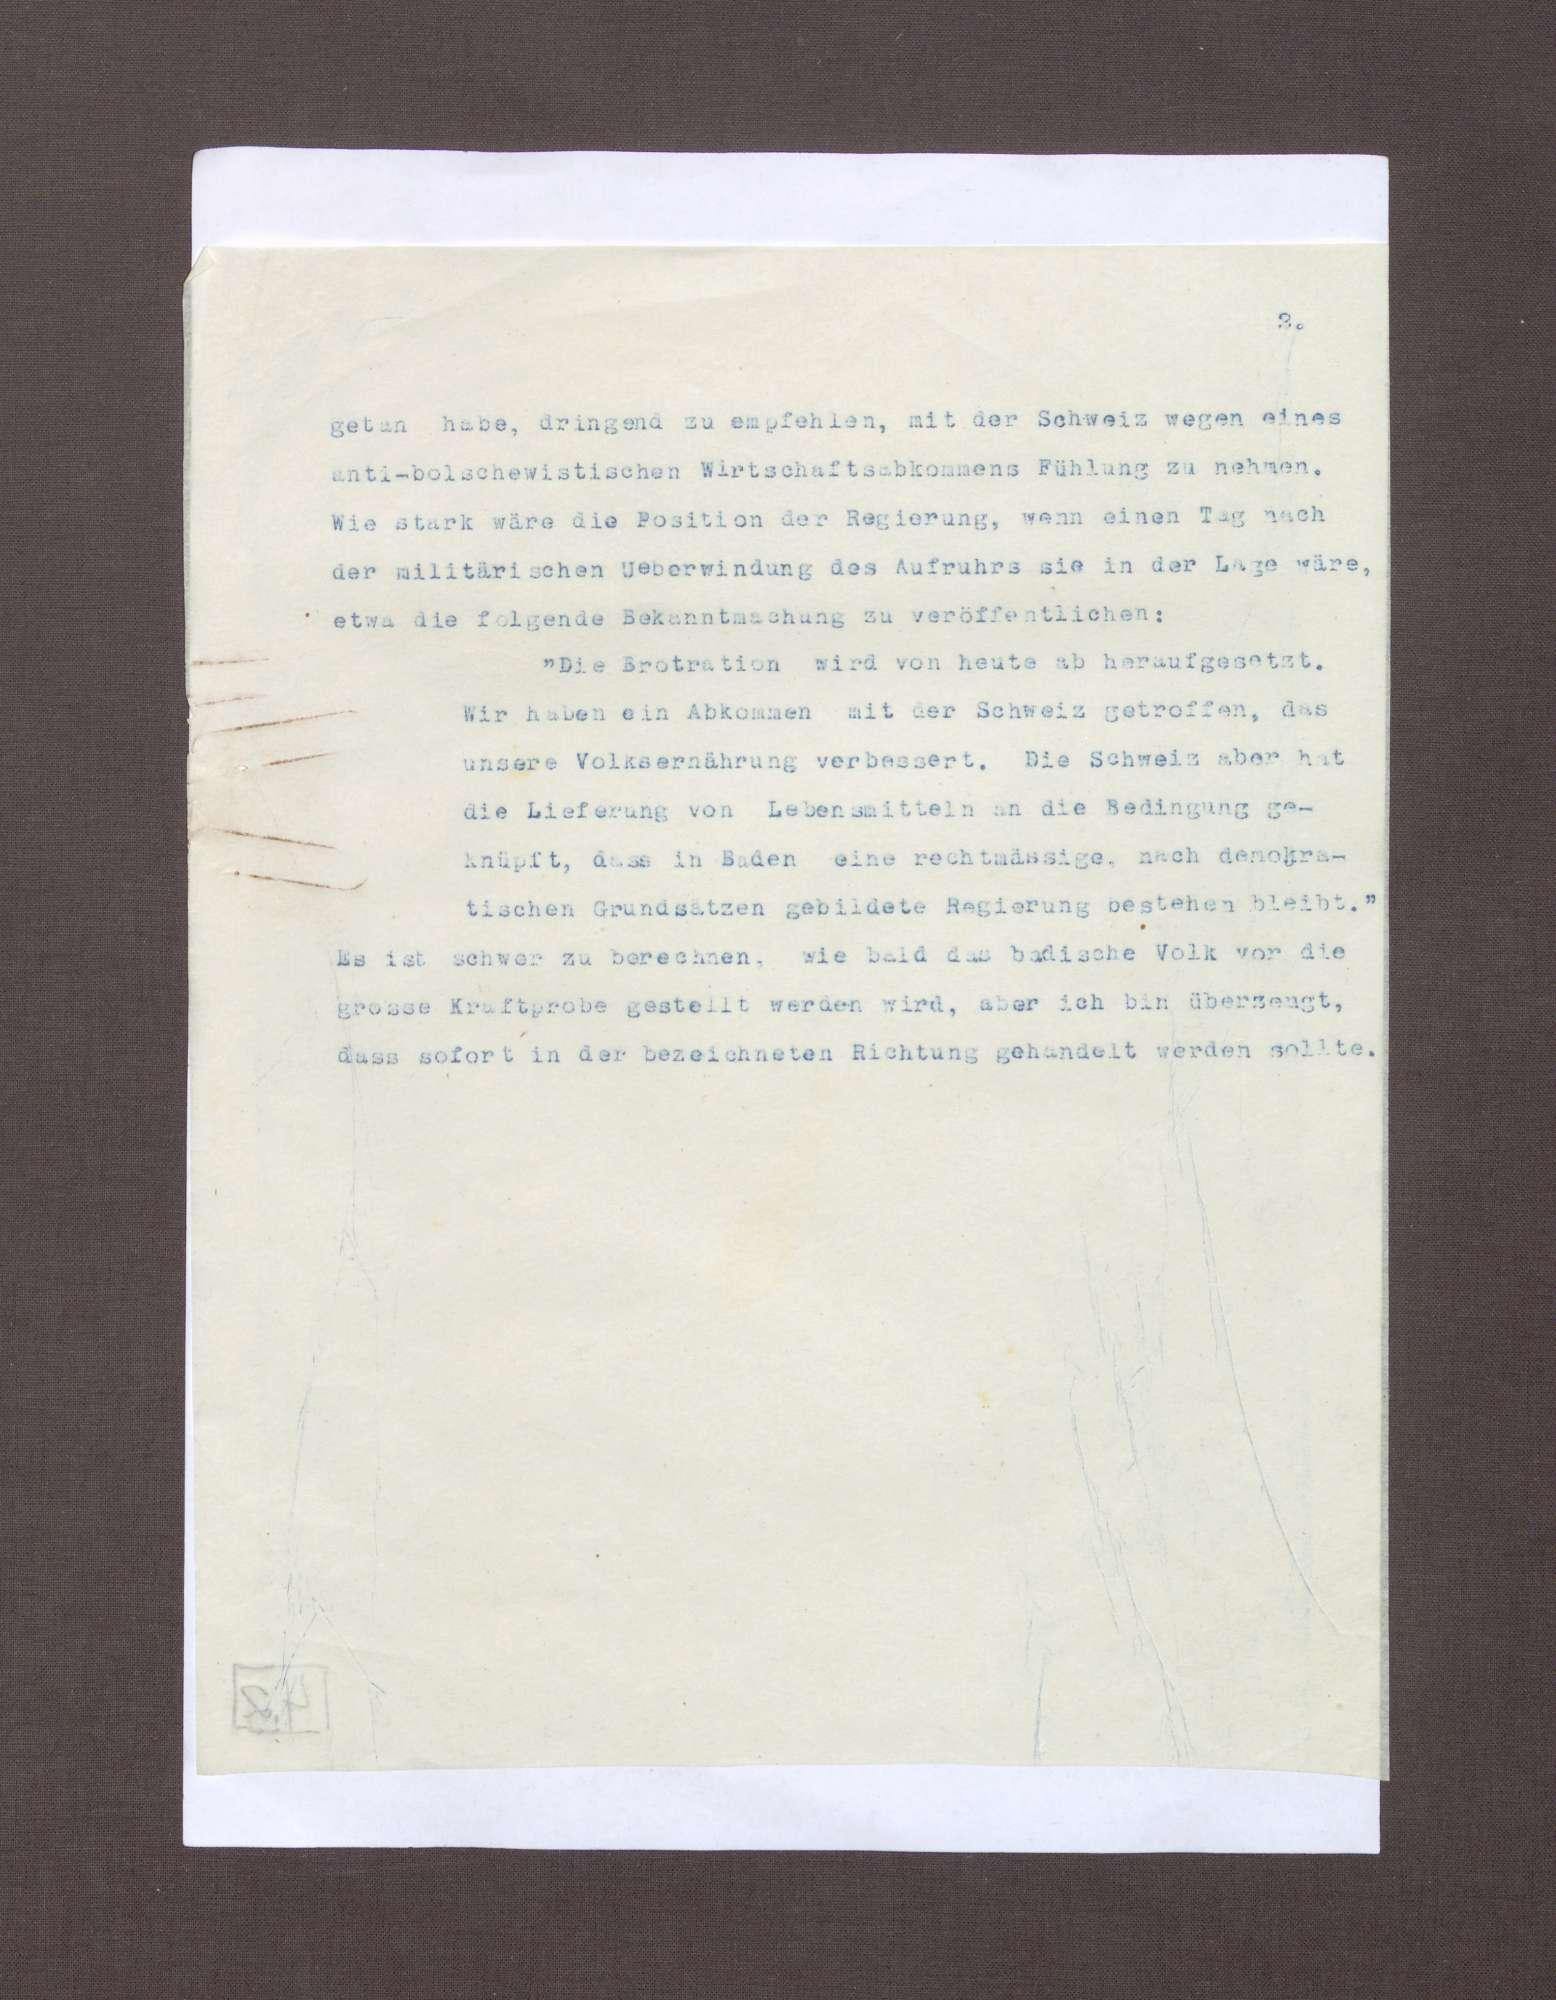 Schreiben von Max von Baden an Anton Geiß; Bedrohliche politische Lage in Deutschland und Überlegung des Erwerbs von Tanks zur Bekämpfung von Unruhen, Bild 2